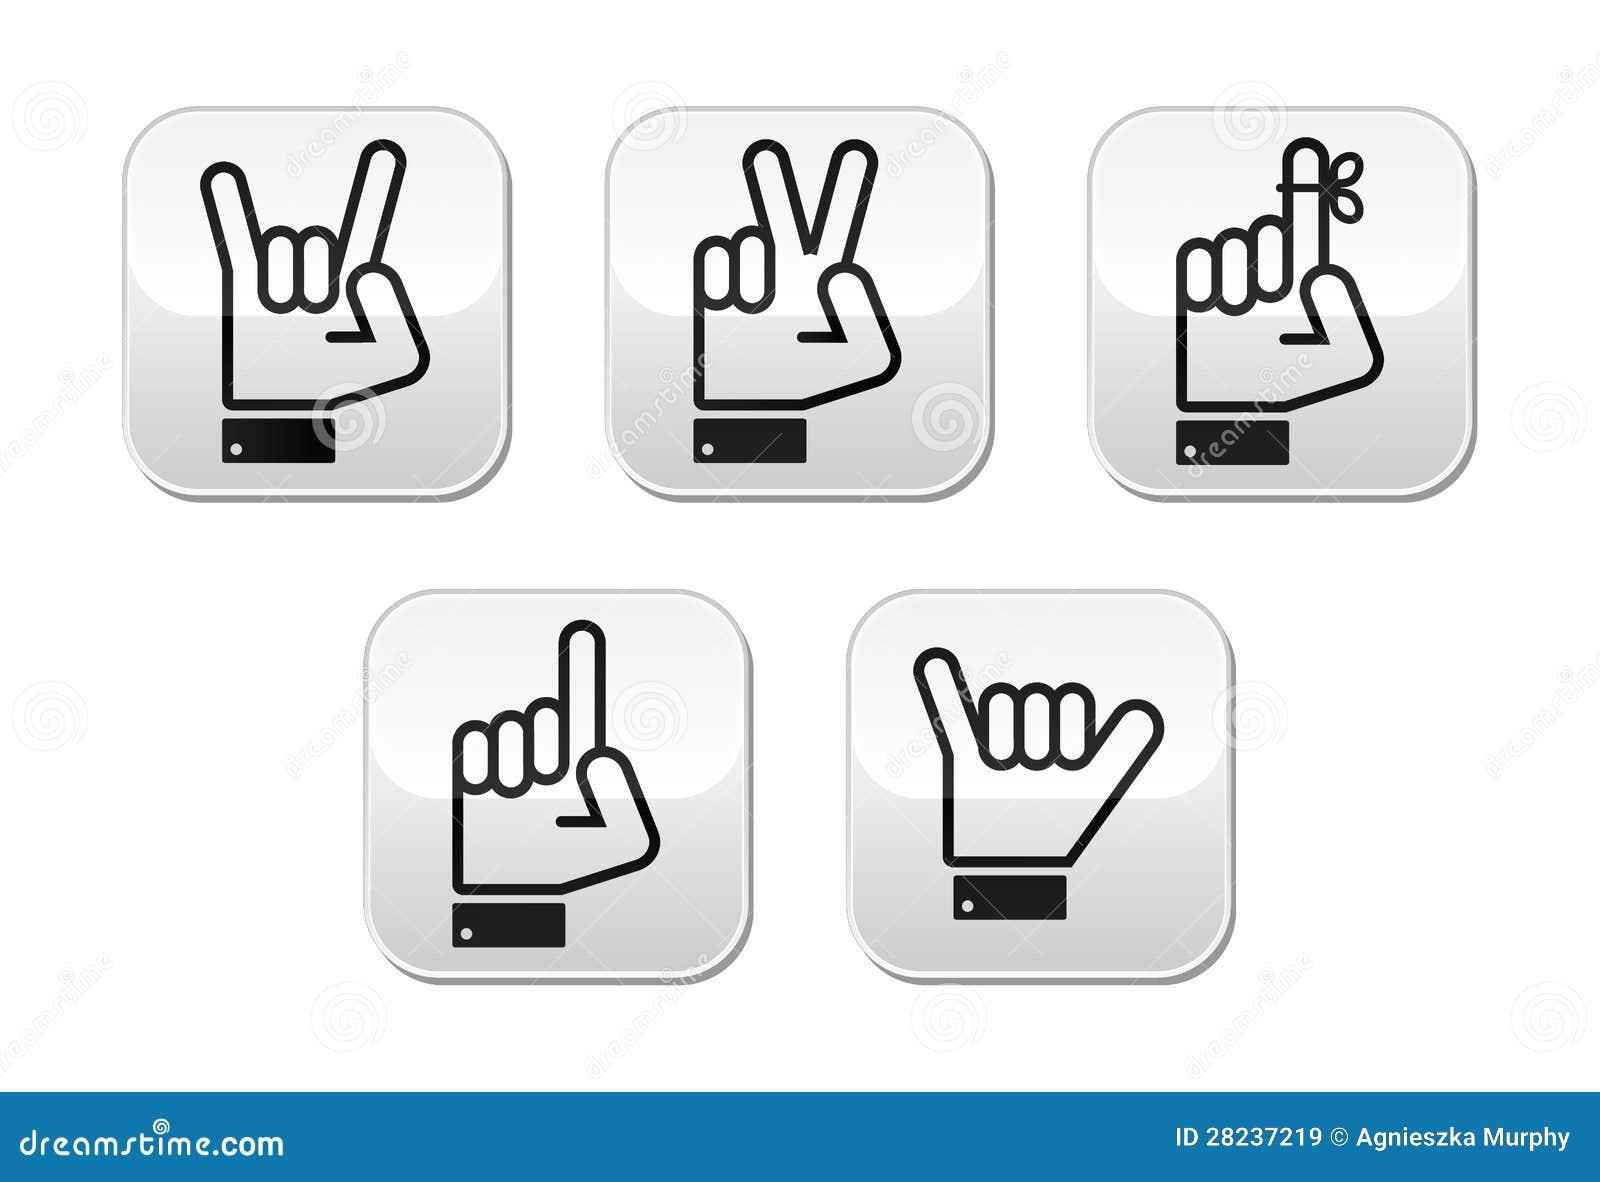 handzeichen signale und zeichen sieg felsen punkttasten stock abbildung bild 28237219. Black Bedroom Furniture Sets. Home Design Ideas